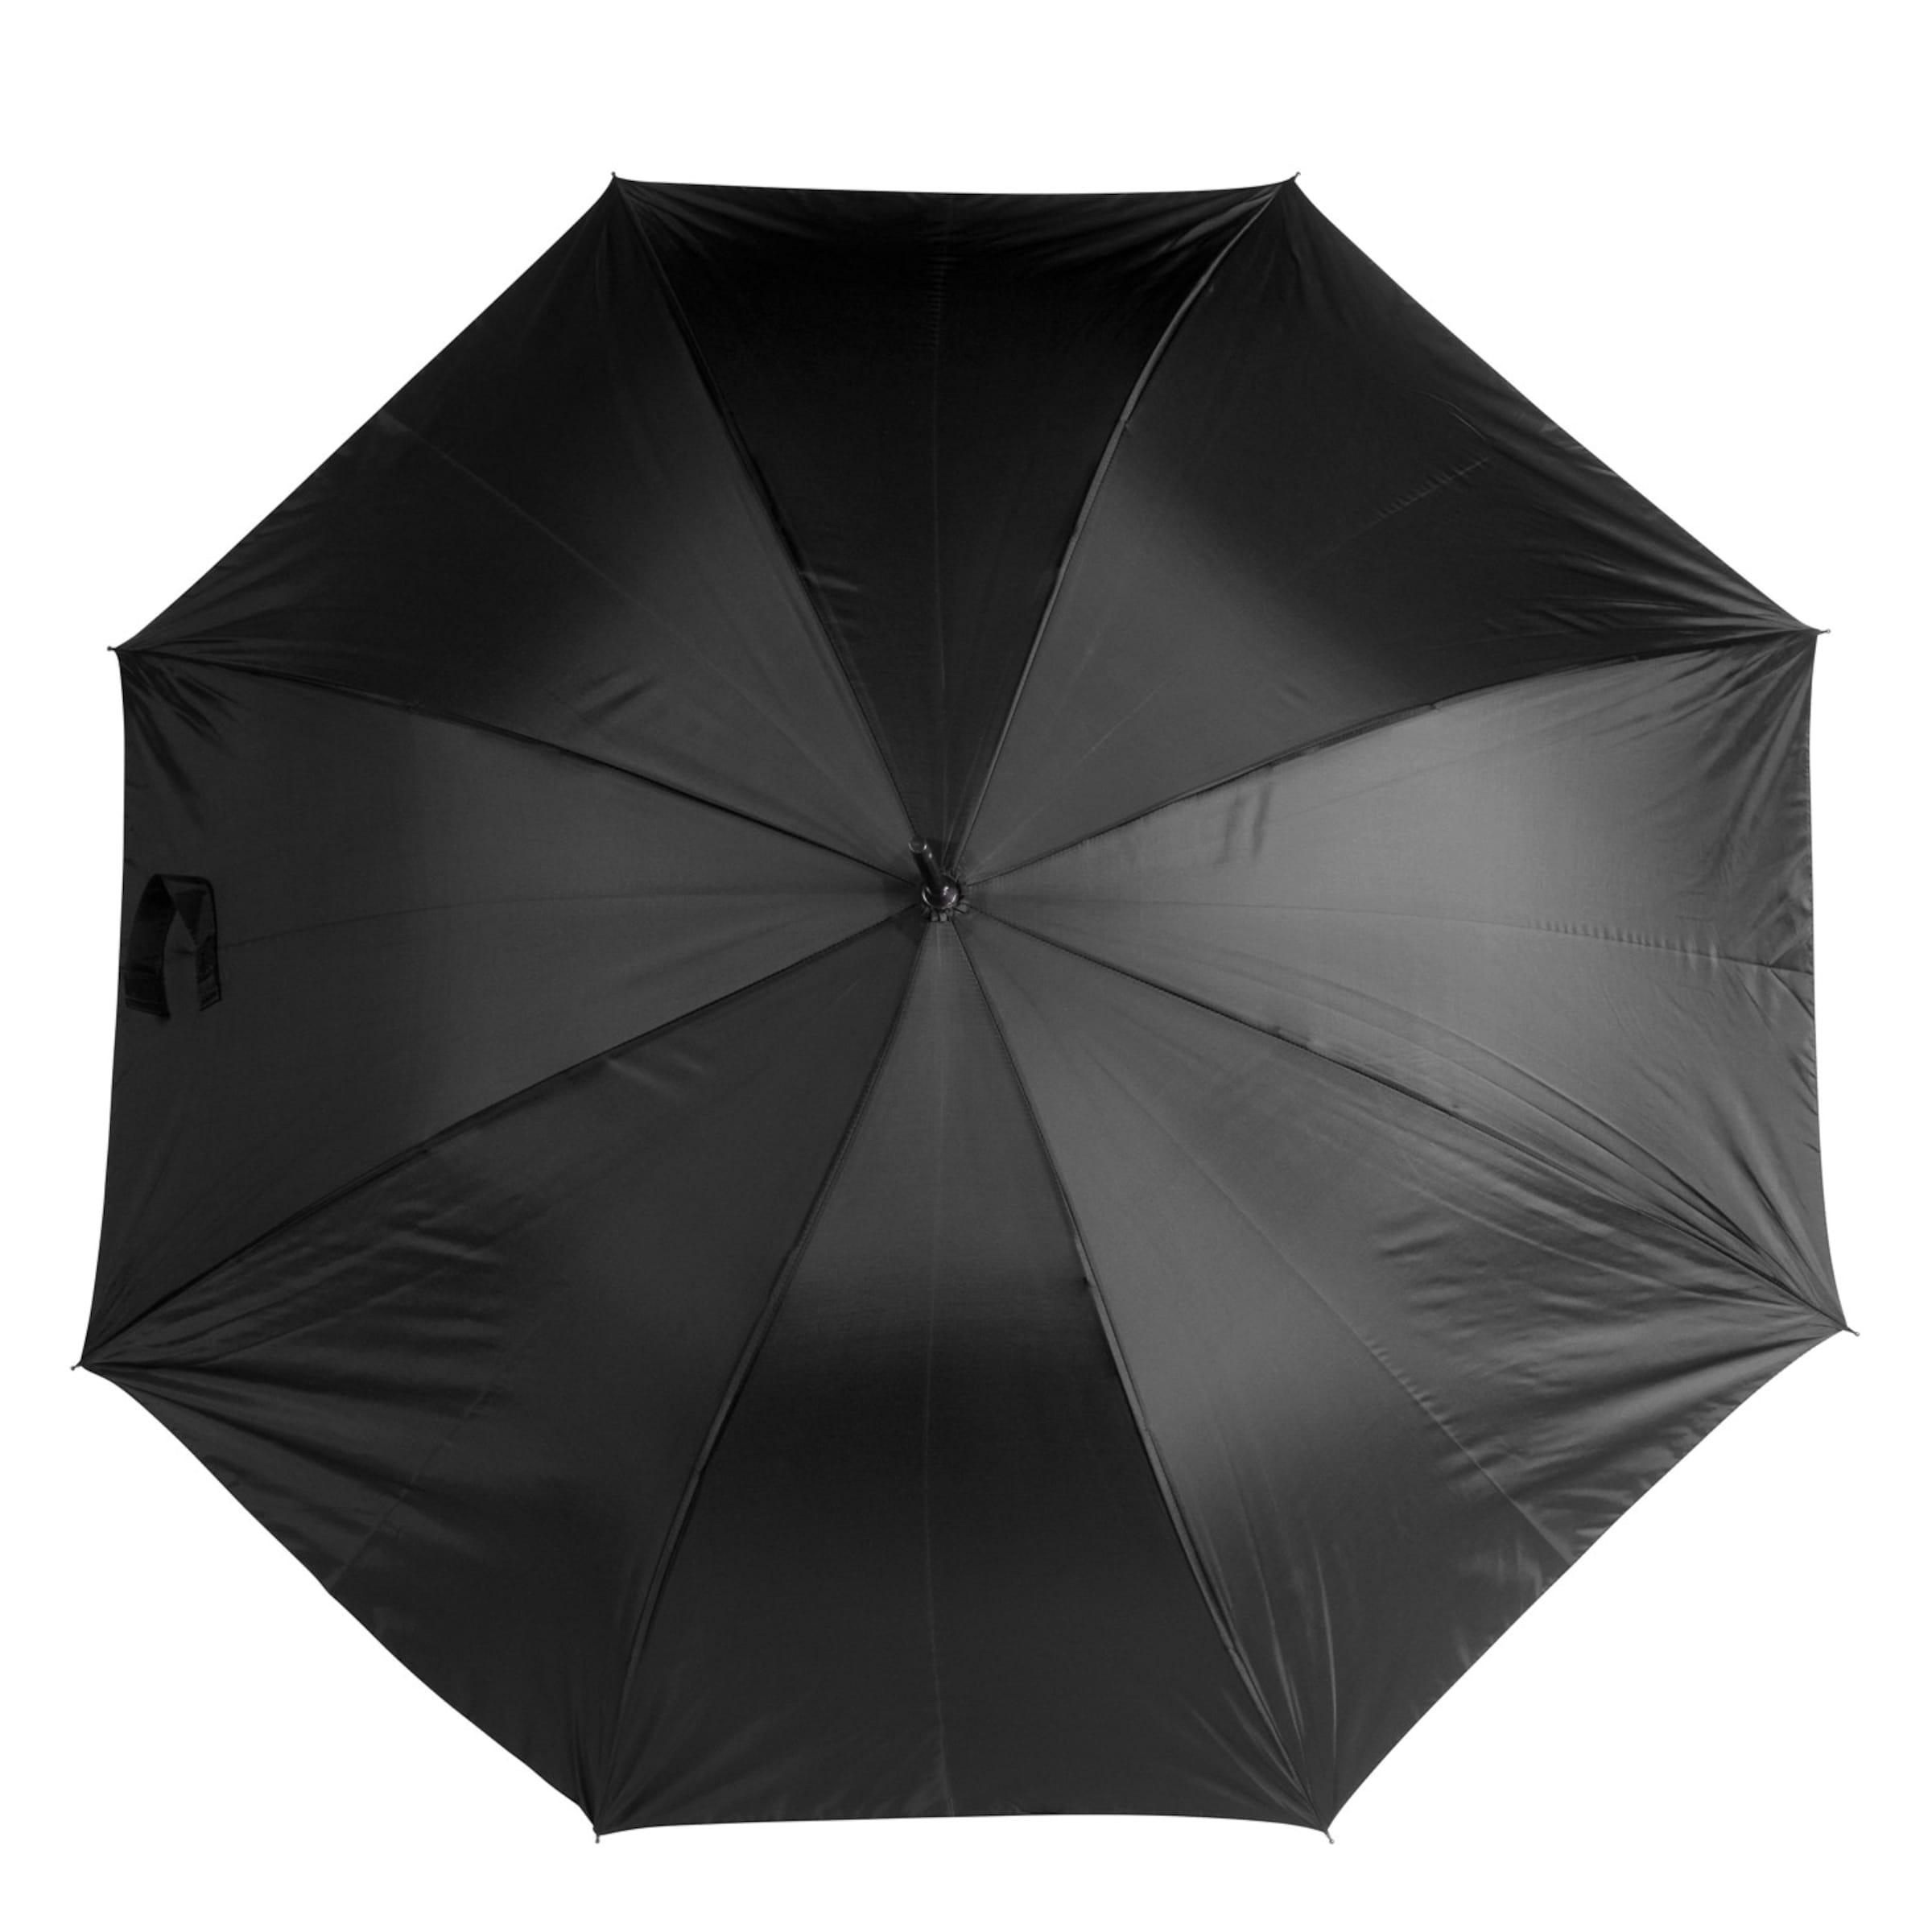 Spielraum Neuesten Kollektionen Auslass Zum Verkauf SAMSONITE Rain Pro Stockschirm 87 cm Rabatt Extrem Bester Platz K34anFxE9